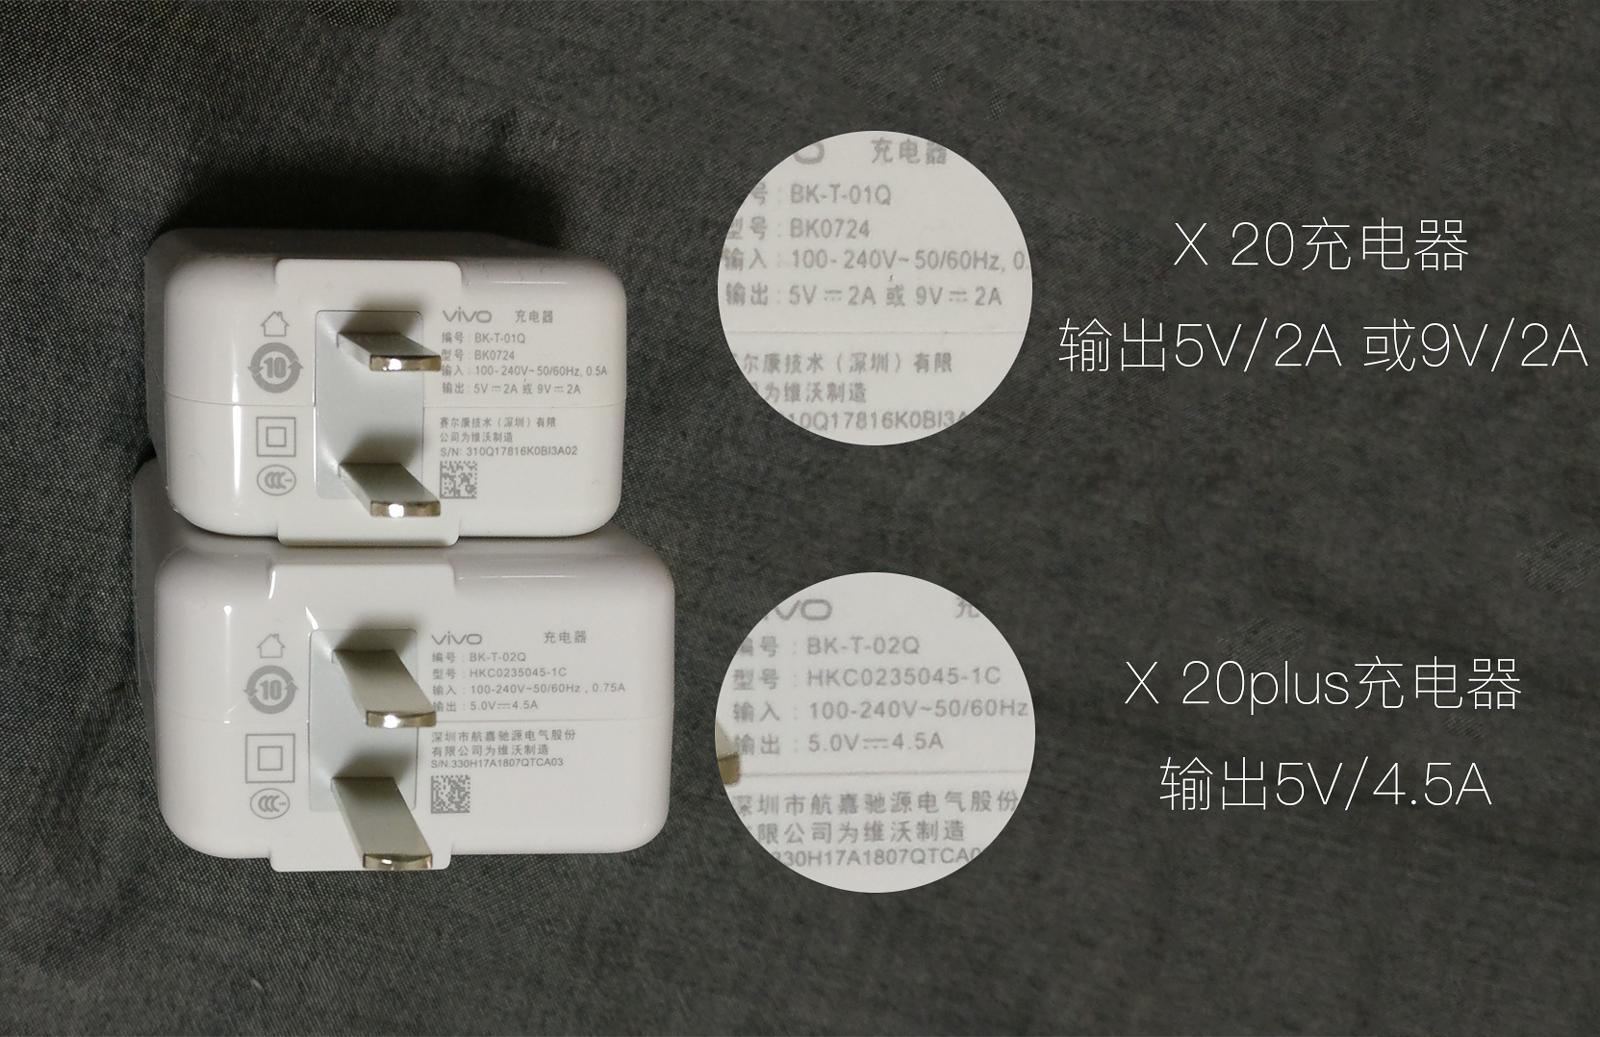 X20plus-011.jpg